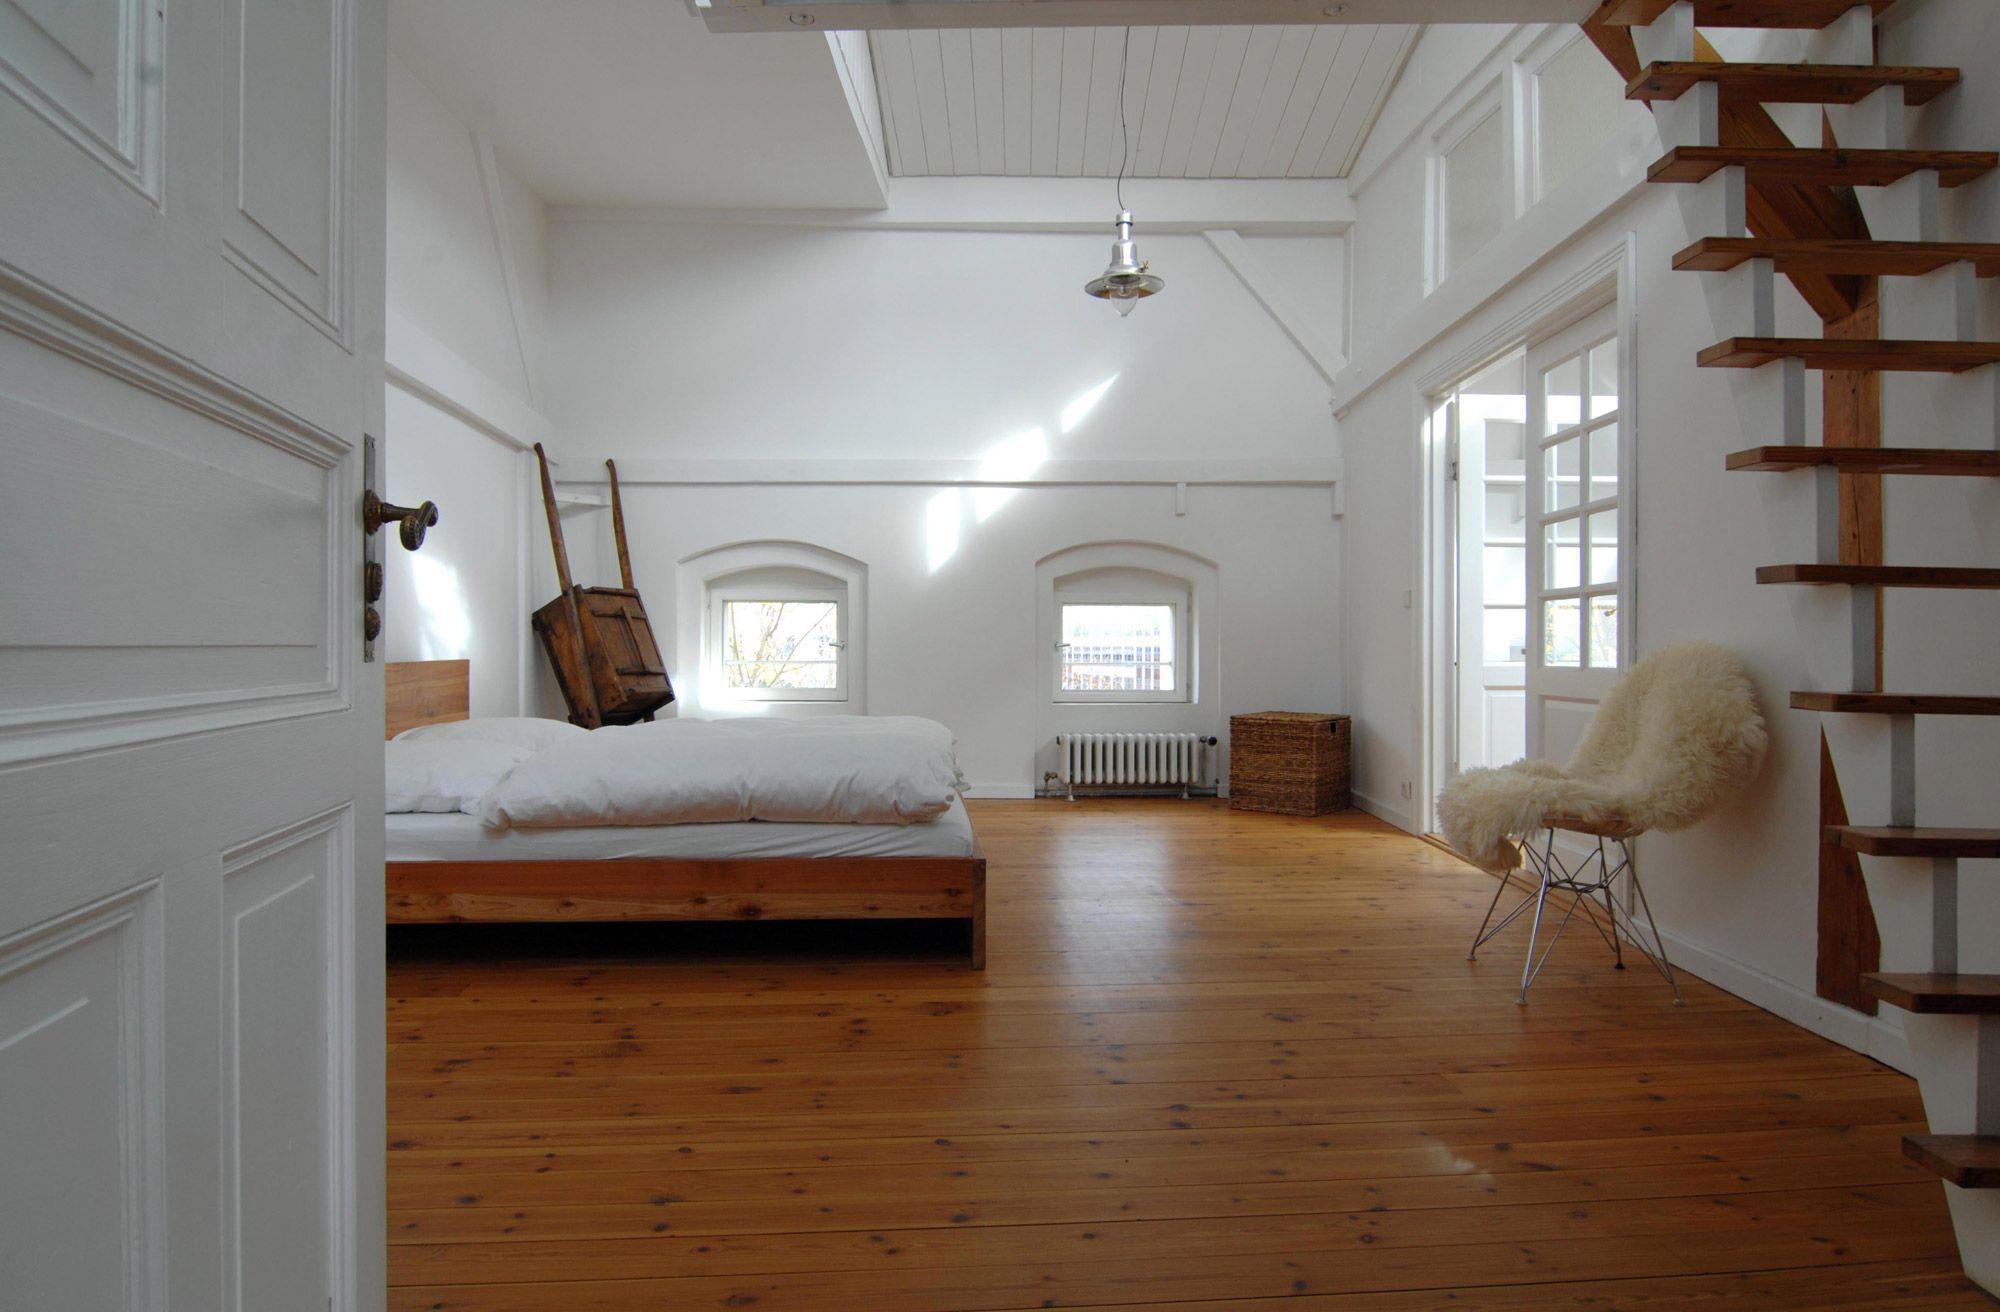 http//swenburgheim.de/wp content/uploads/2015/12/04 DSC 2917 s.jpg   Schlafzimmer dachschräge ...